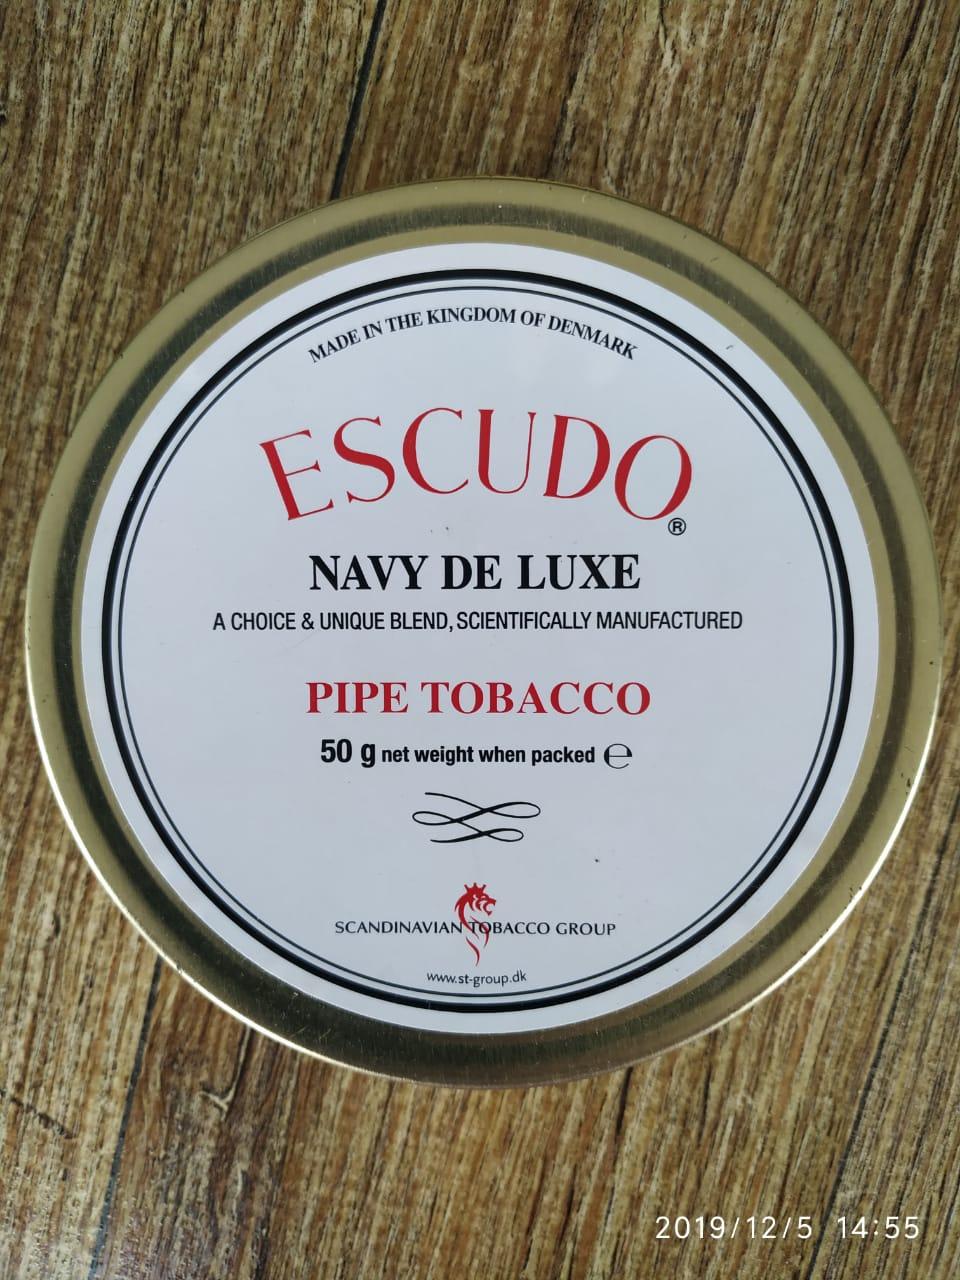 Scandinavian Tobacco Group (STG) - Escudo Navy De Luxe